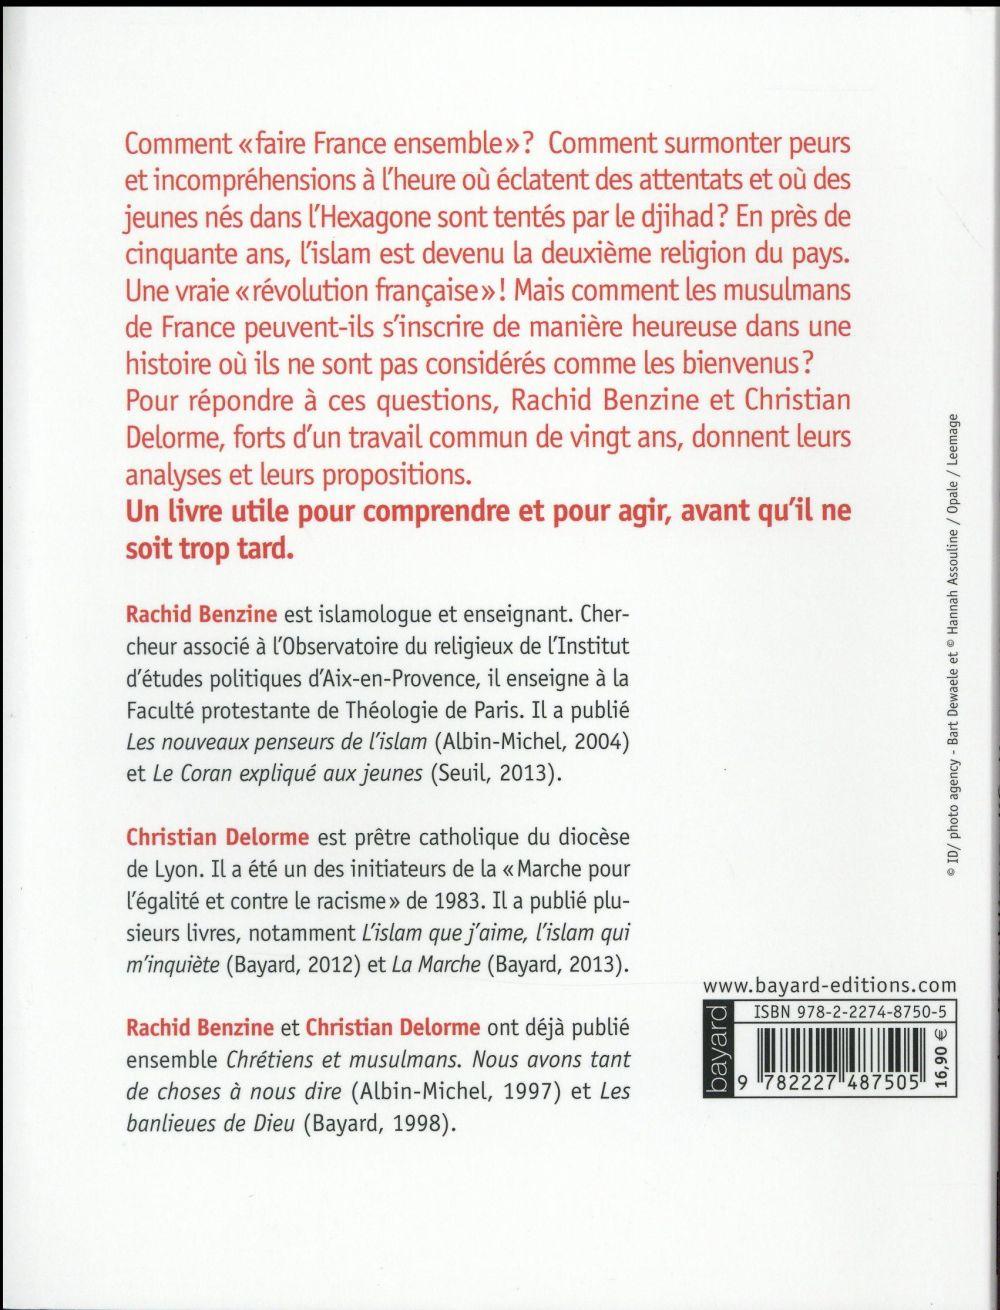 la République, l'Eglise et l'Islam ; une révolution française